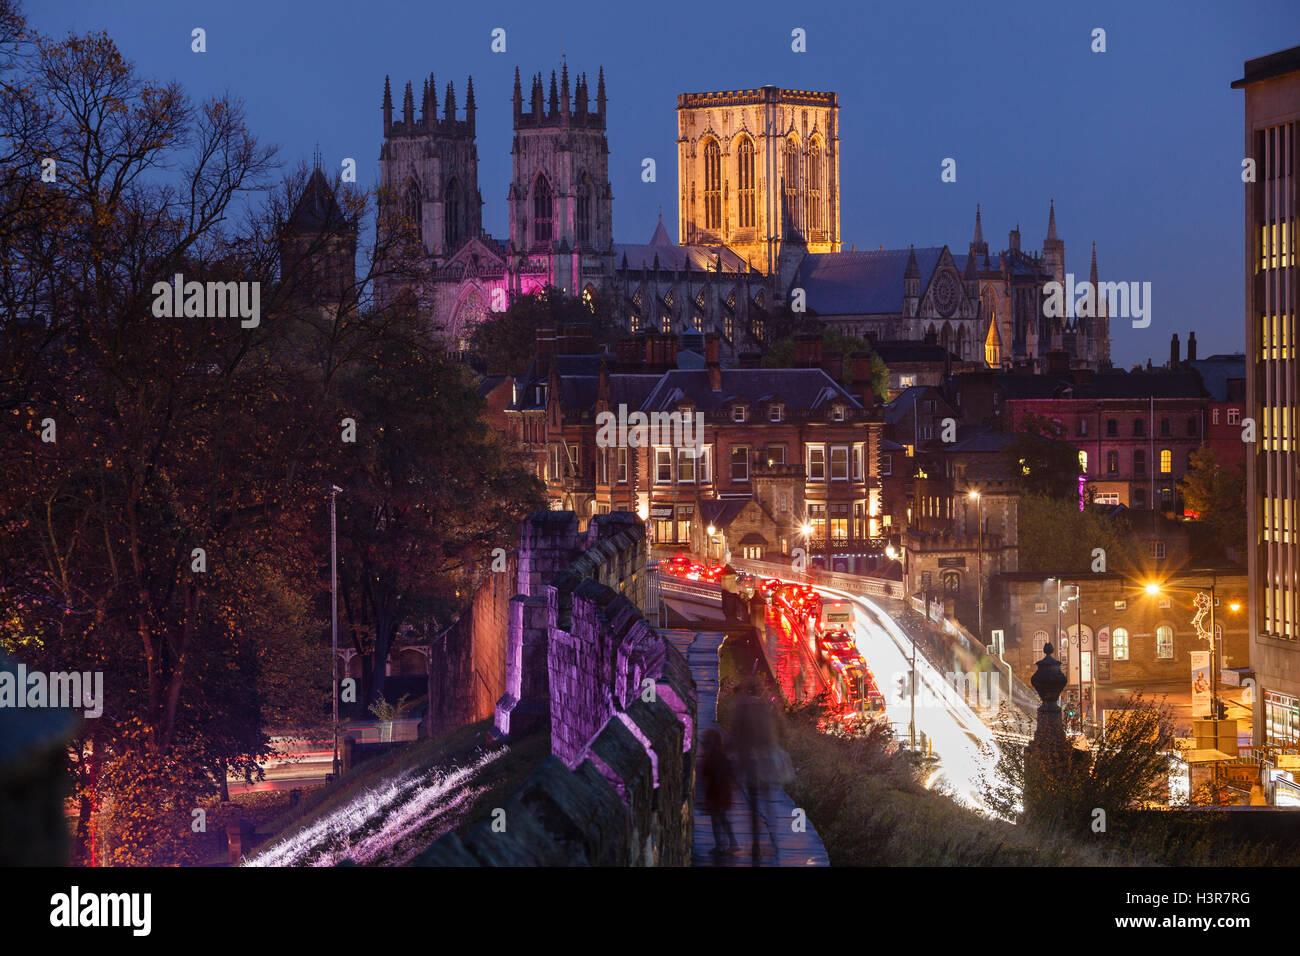 La cathédrale de York des murs de la ville la nuit Photo Stock